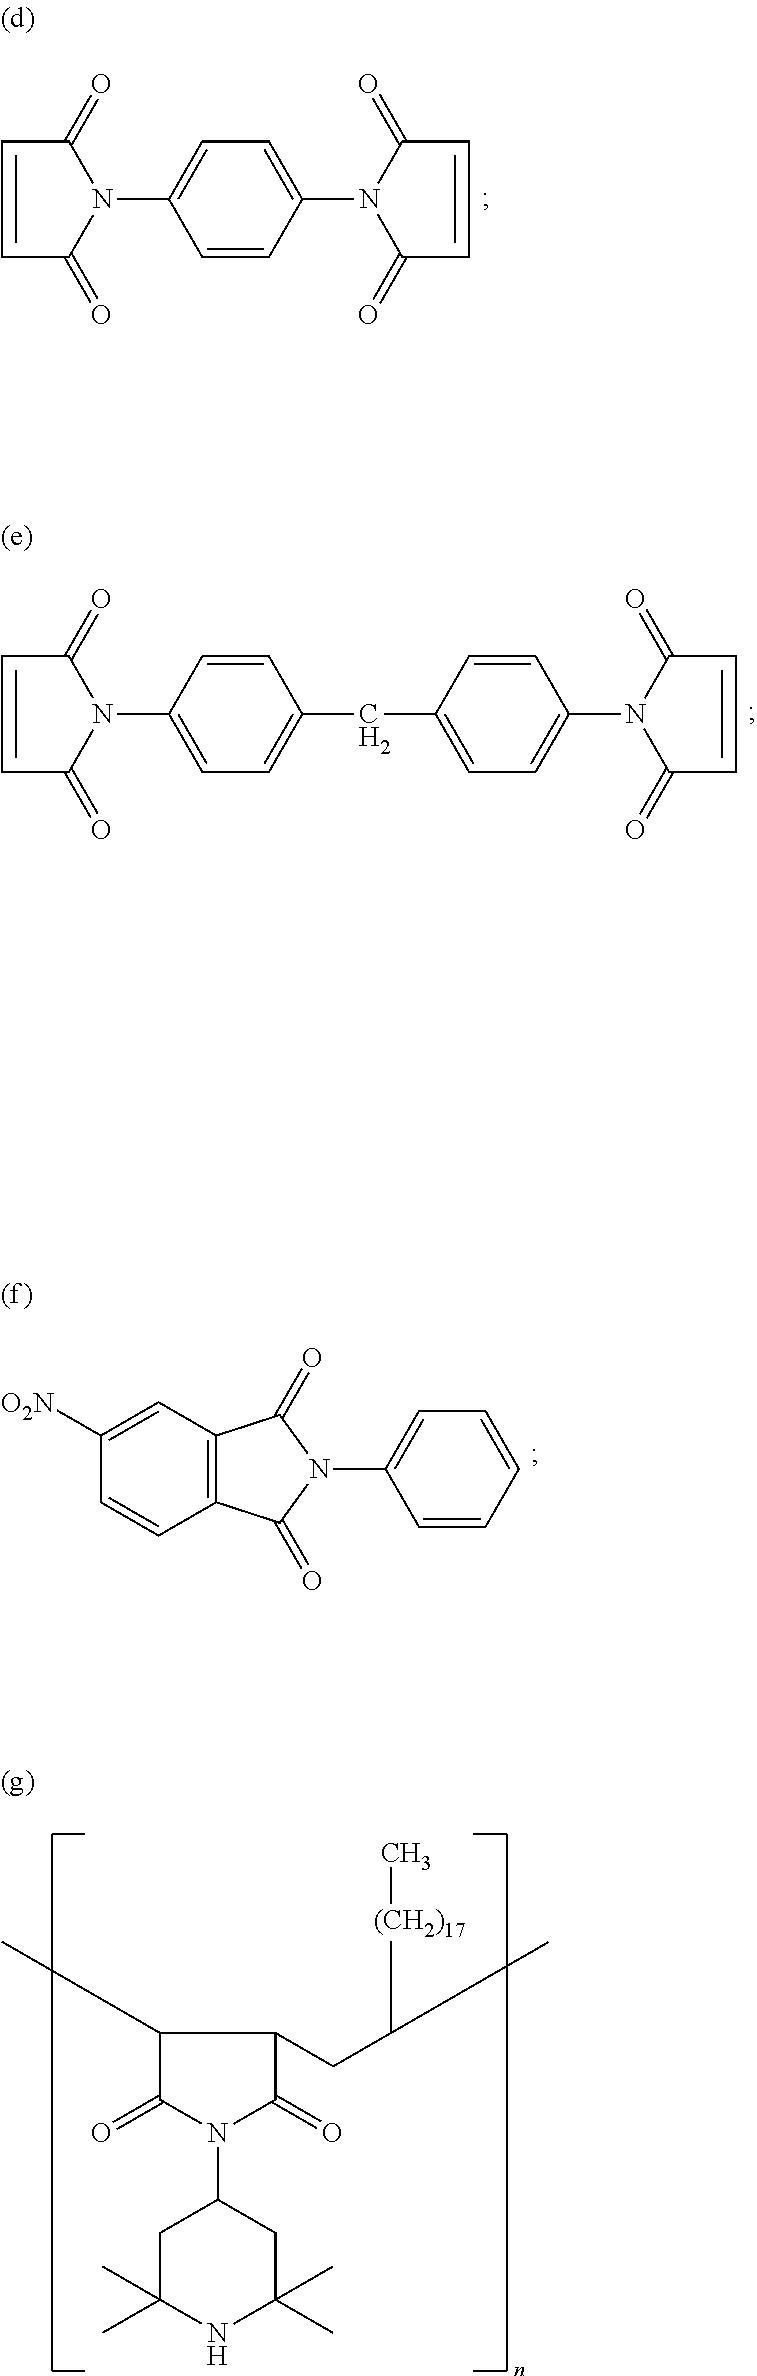 Figure US08790449-20140729-C00008